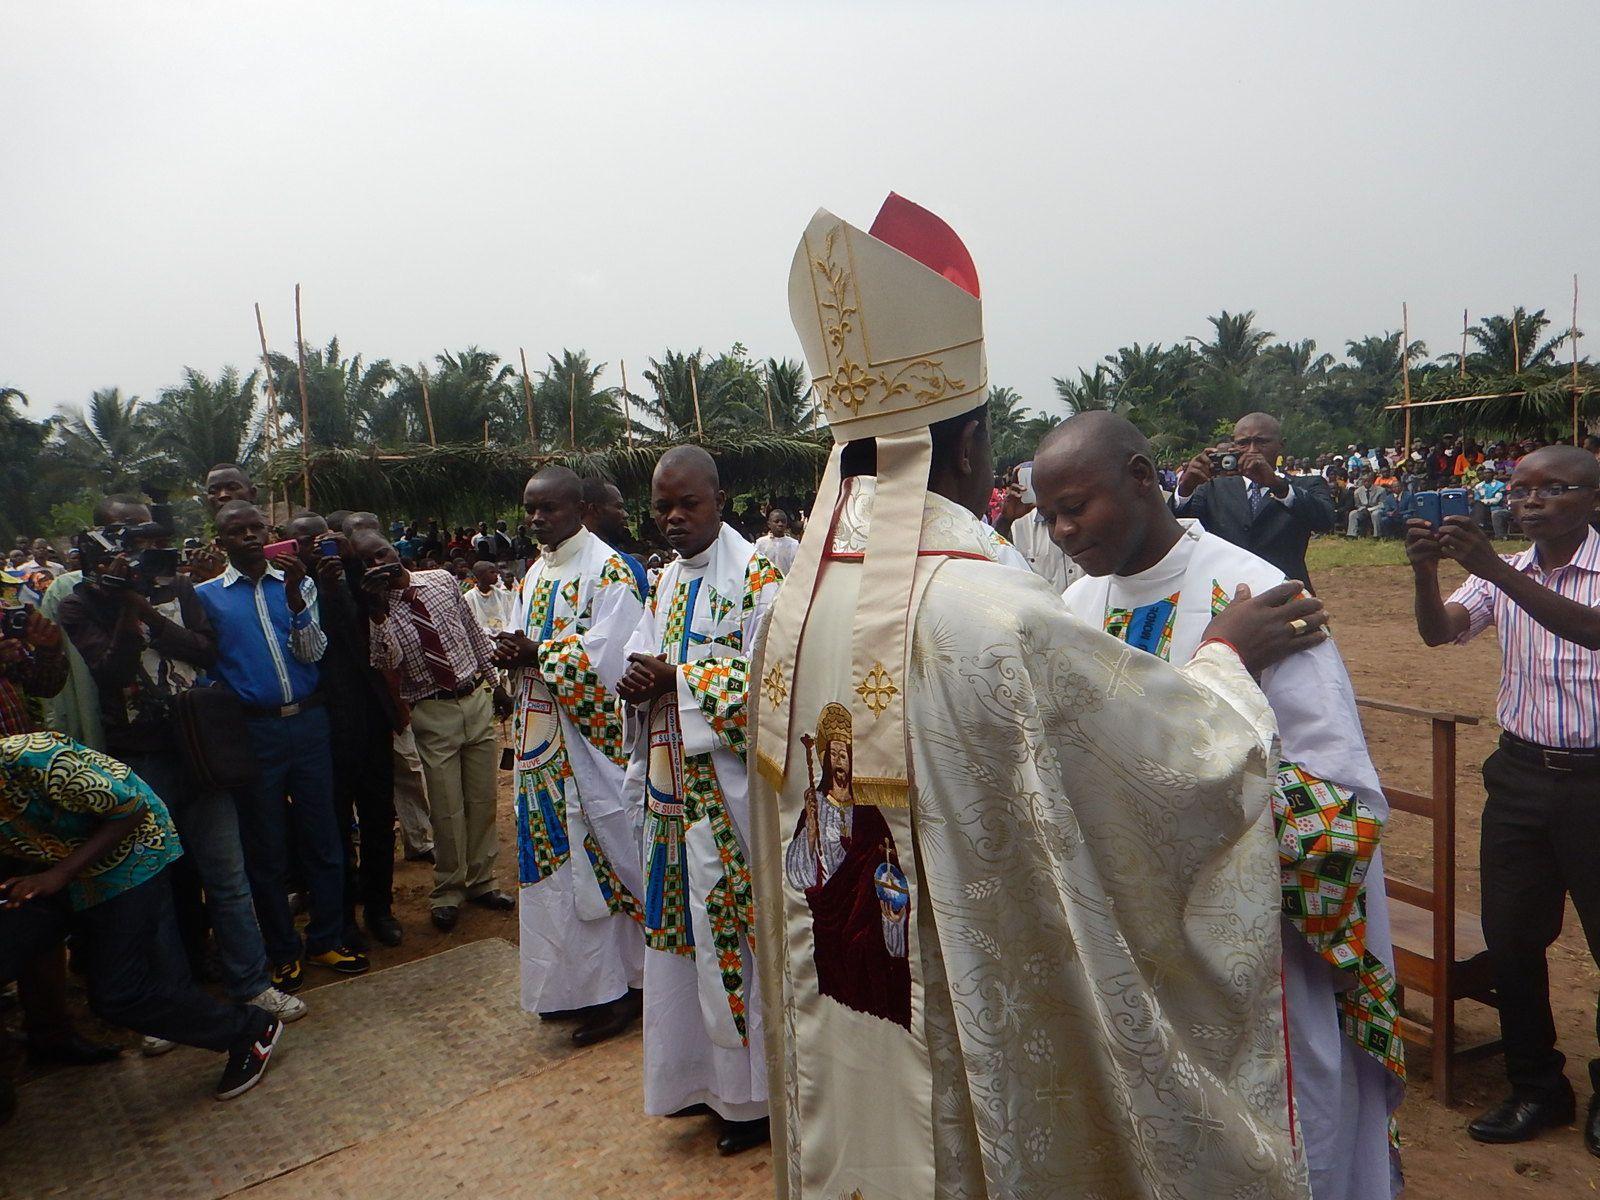 QUATRE NOUVEAUX PRÊTRES INTÈGRENT LE CLERGÉ DIOCÉSAIN DE TSHUMBE